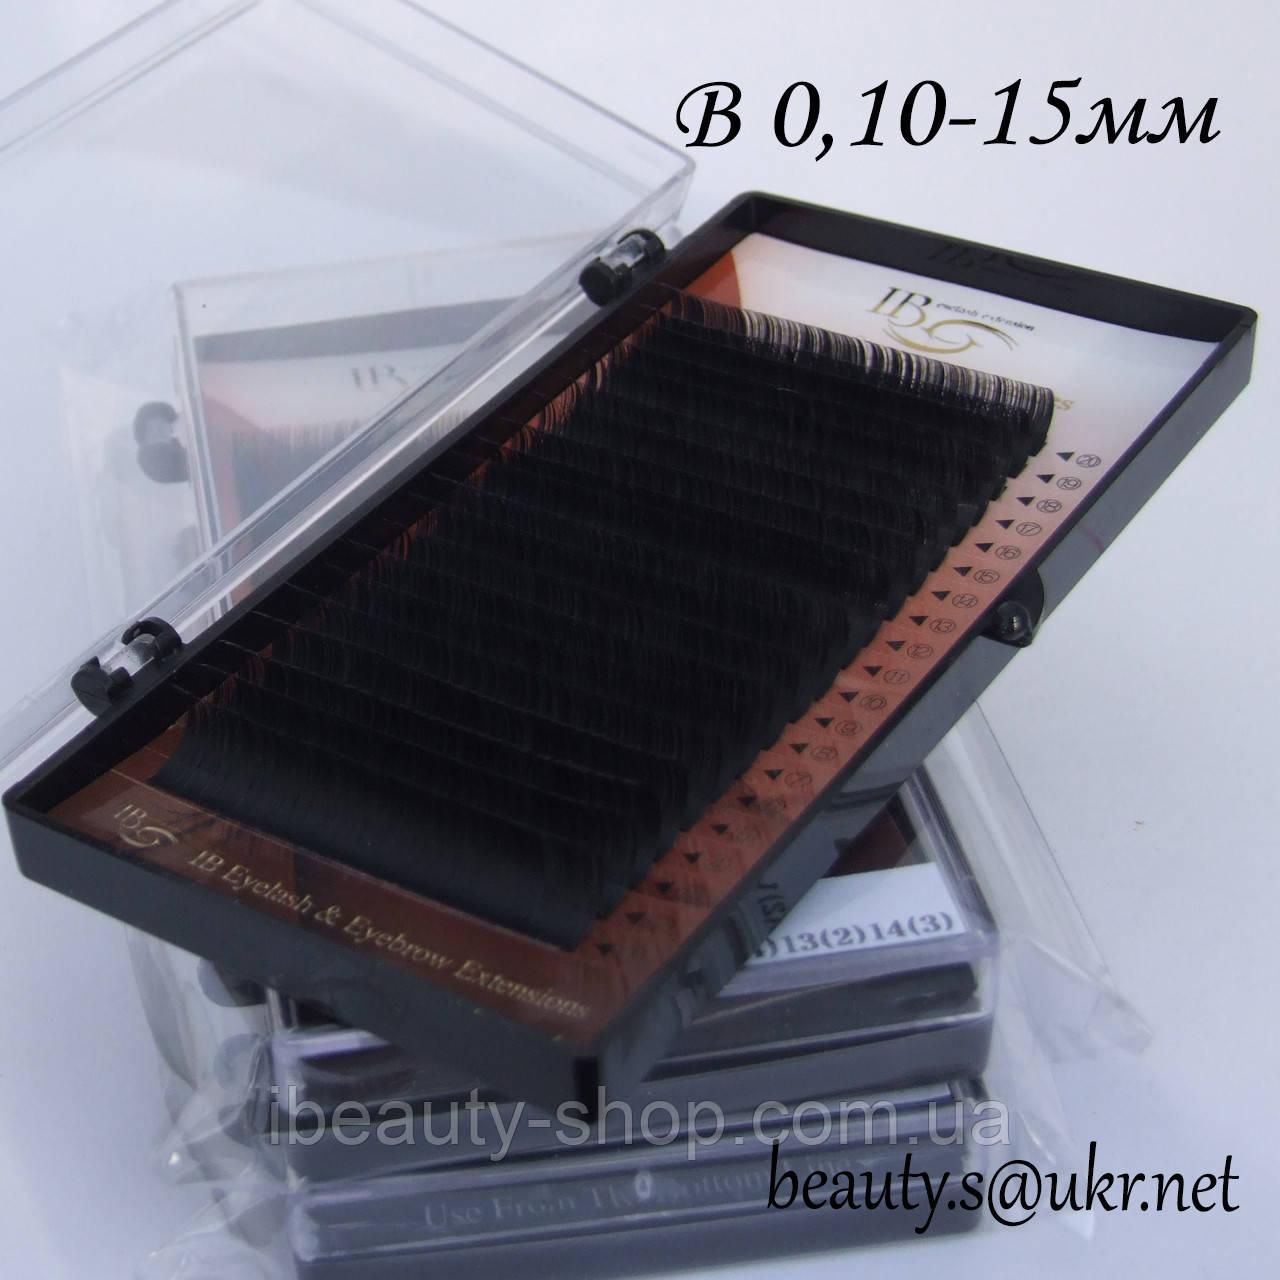 Ресницы  I-Beauty на ленте B 0,10-15мм